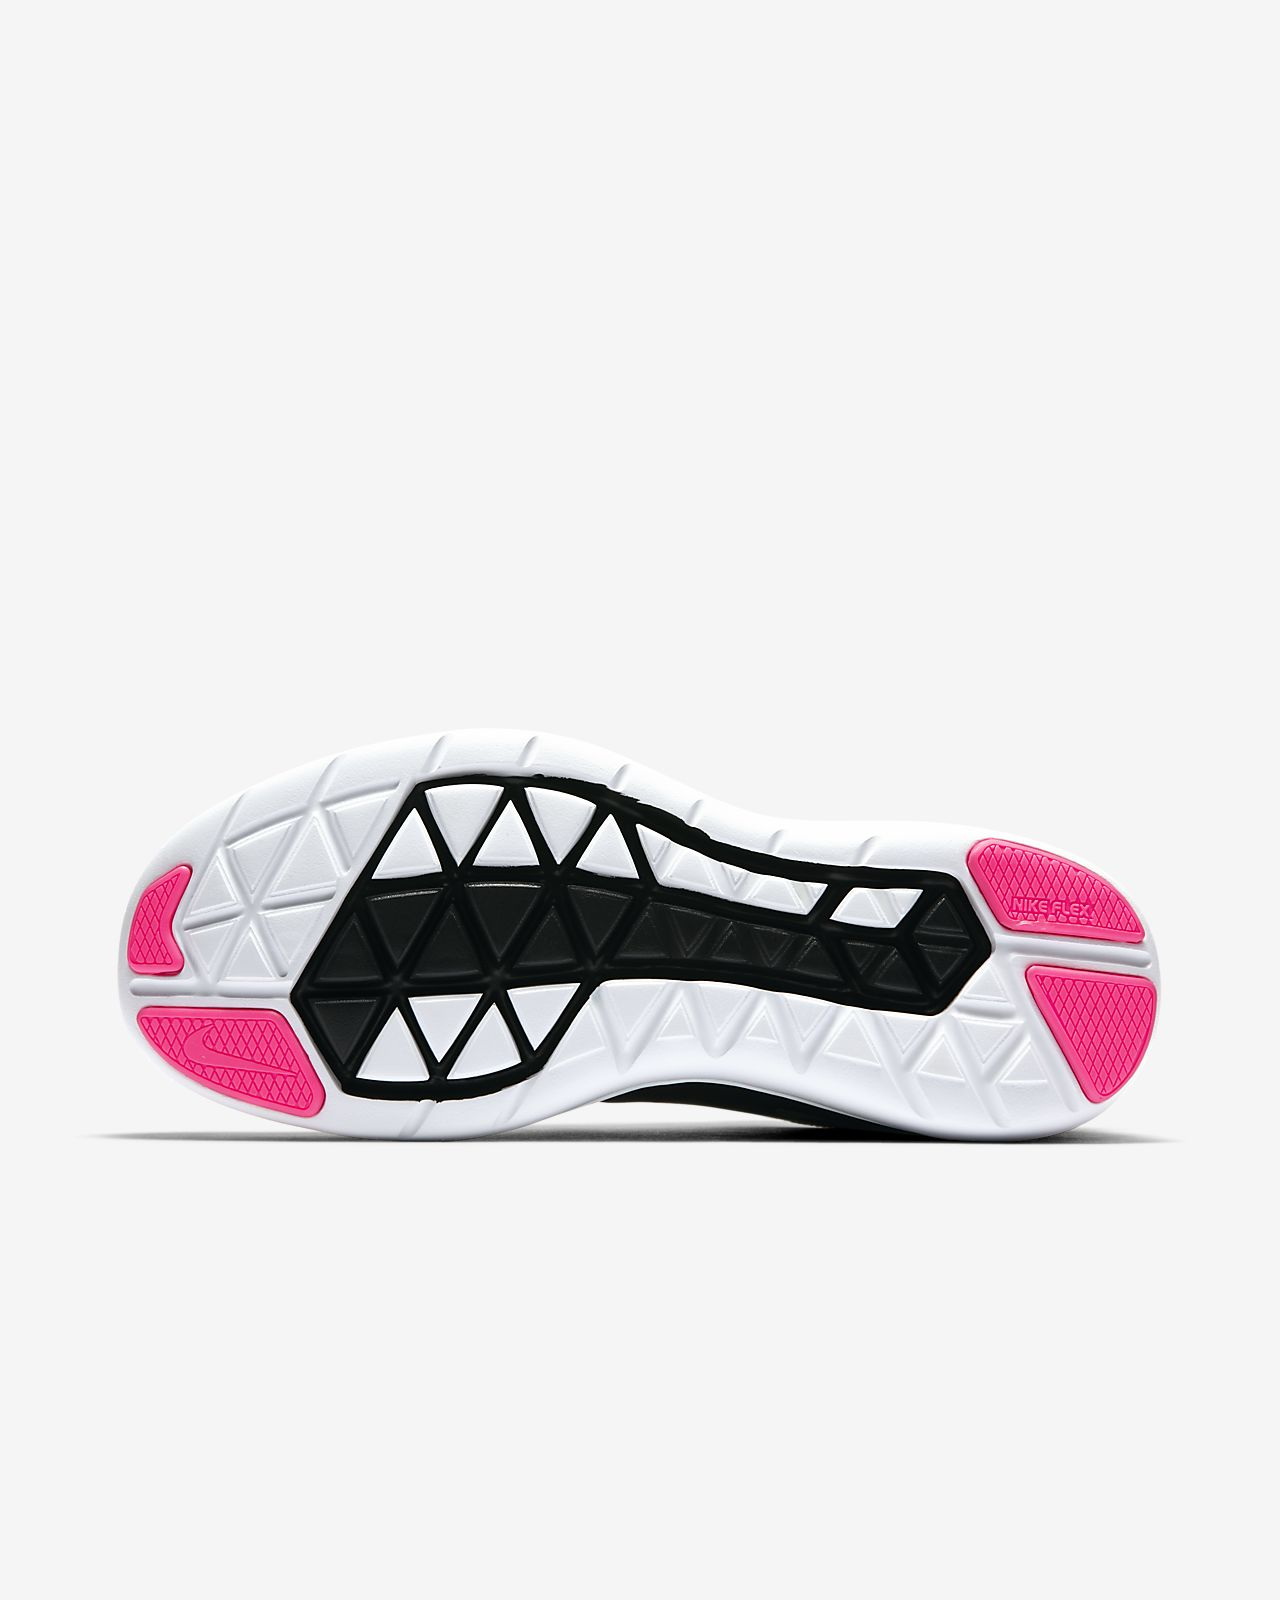 Zapatillas Nike Damas Vendedor footlocker imágenes baratas suministrar en línea w5xinOv